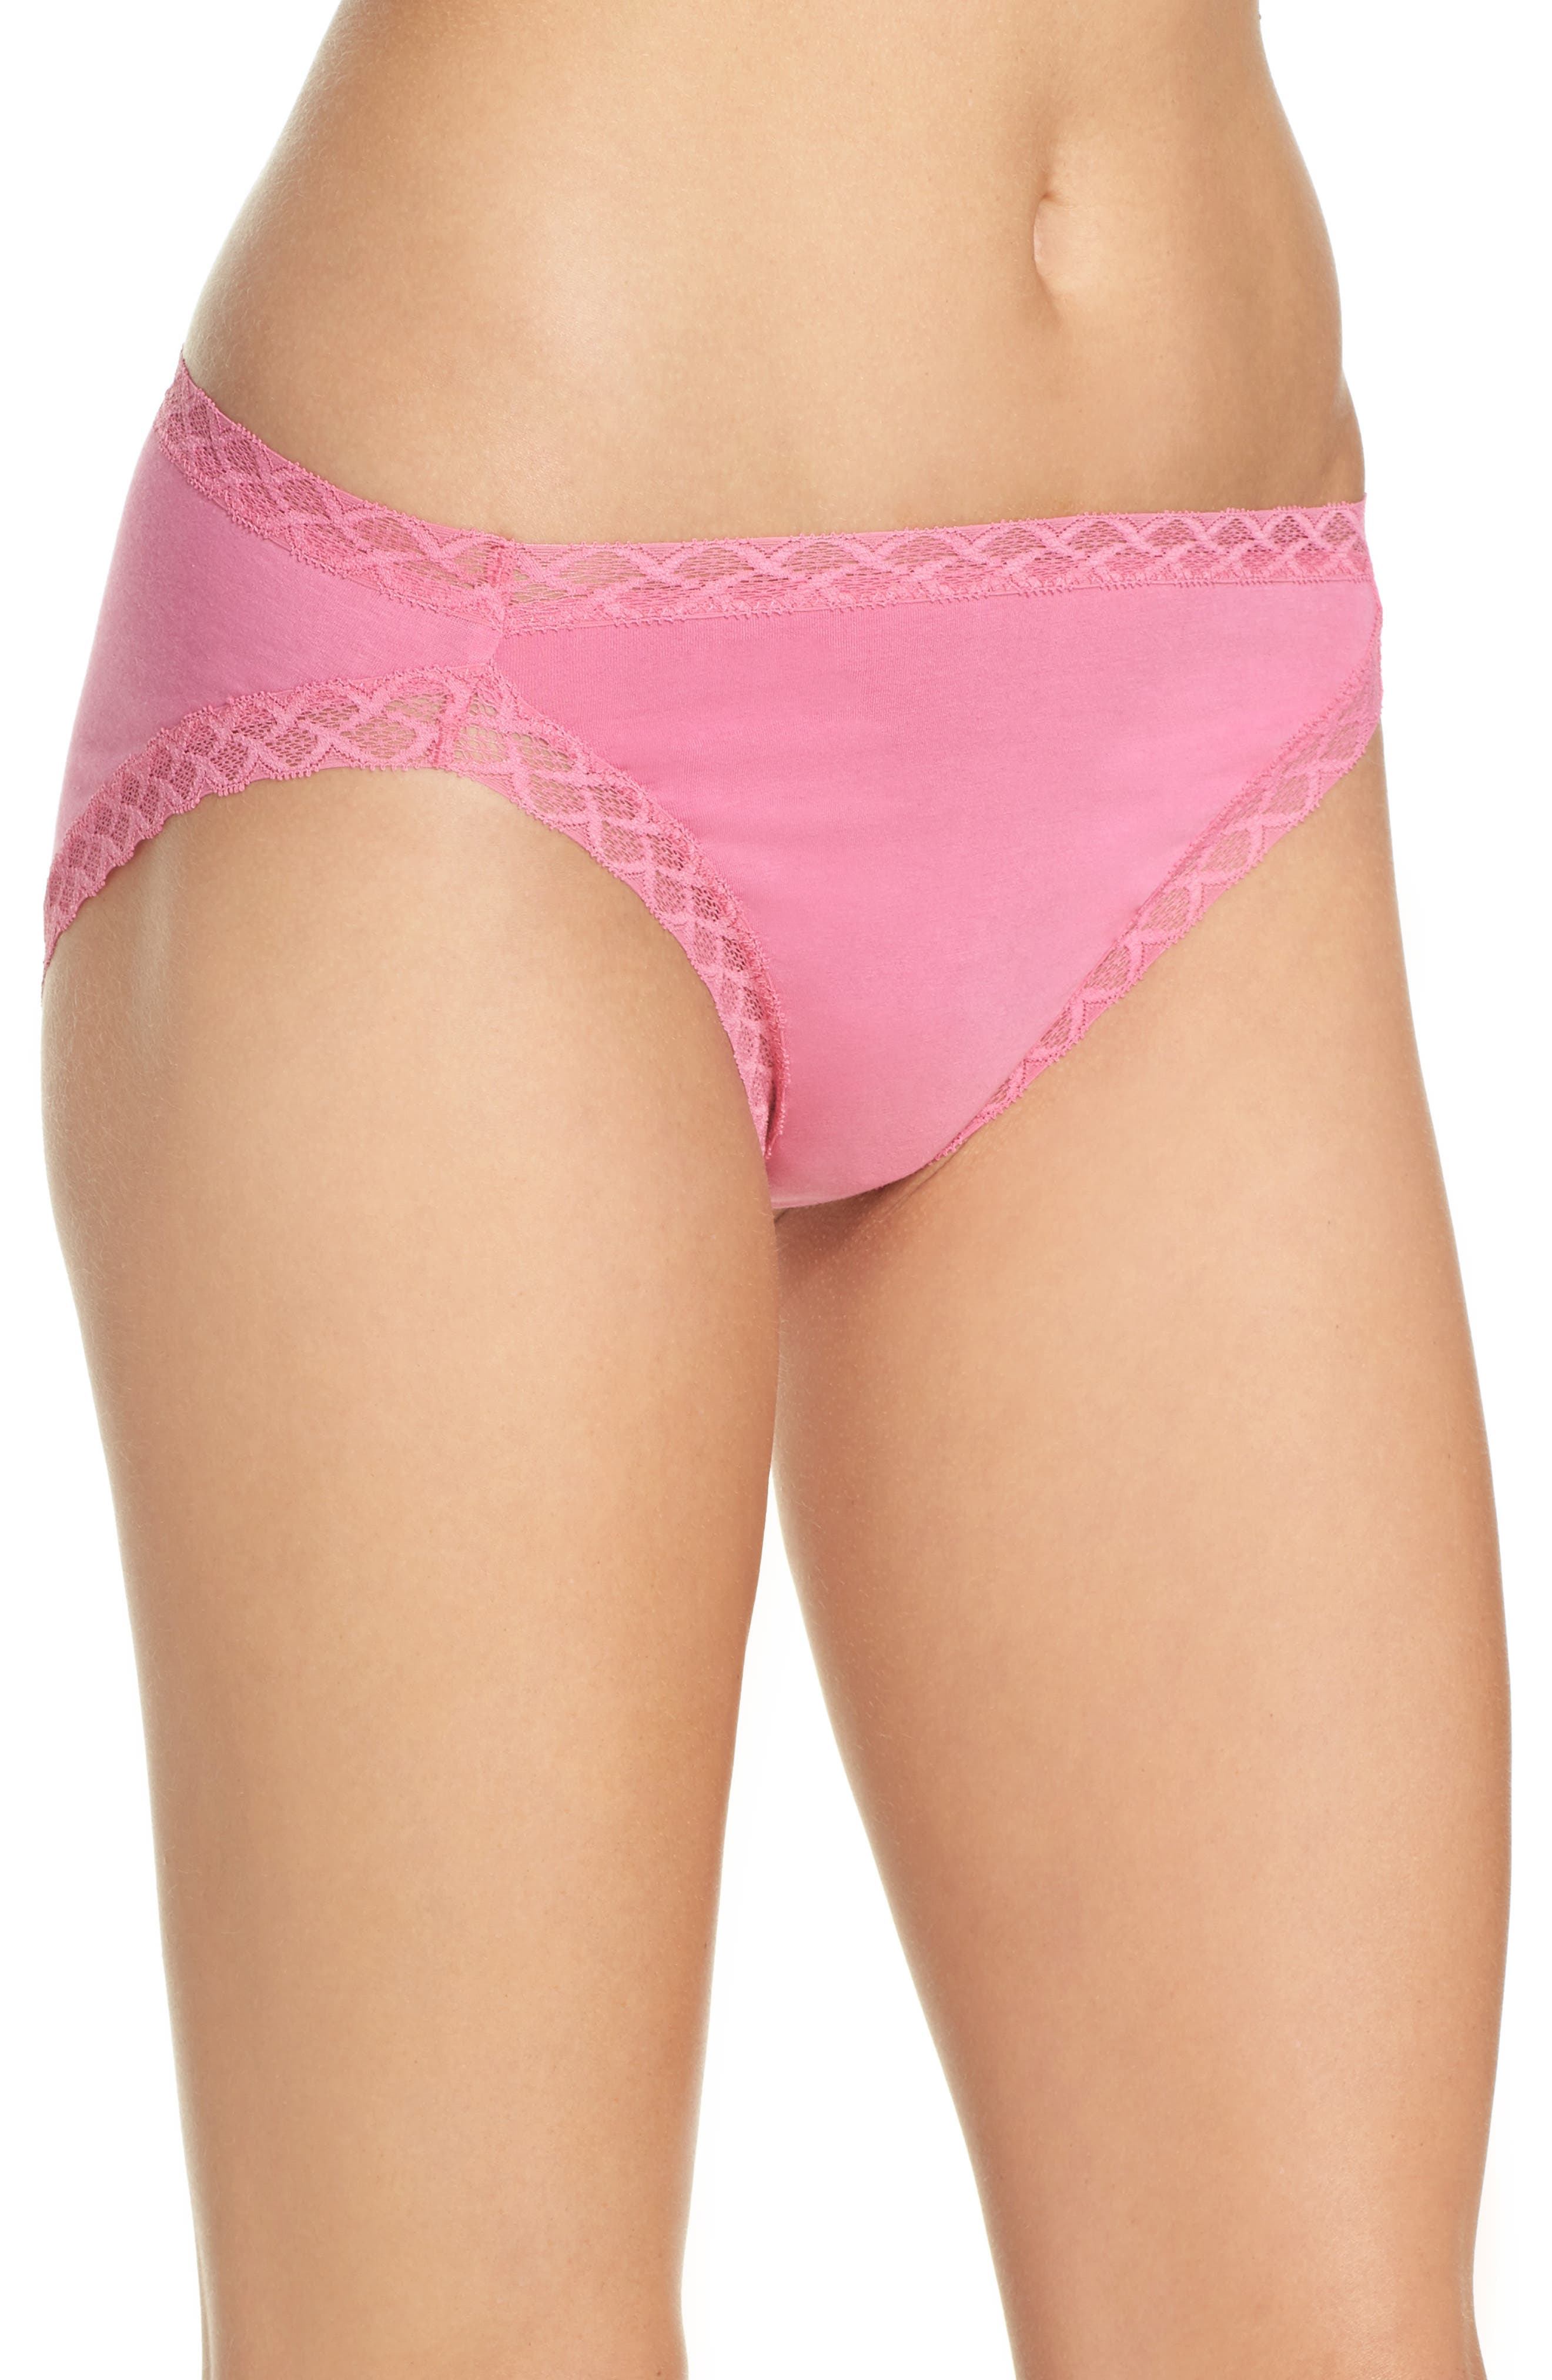 Alternate Image 3  - Natori Bliss Cotton Girl Briefs (3 for $45)